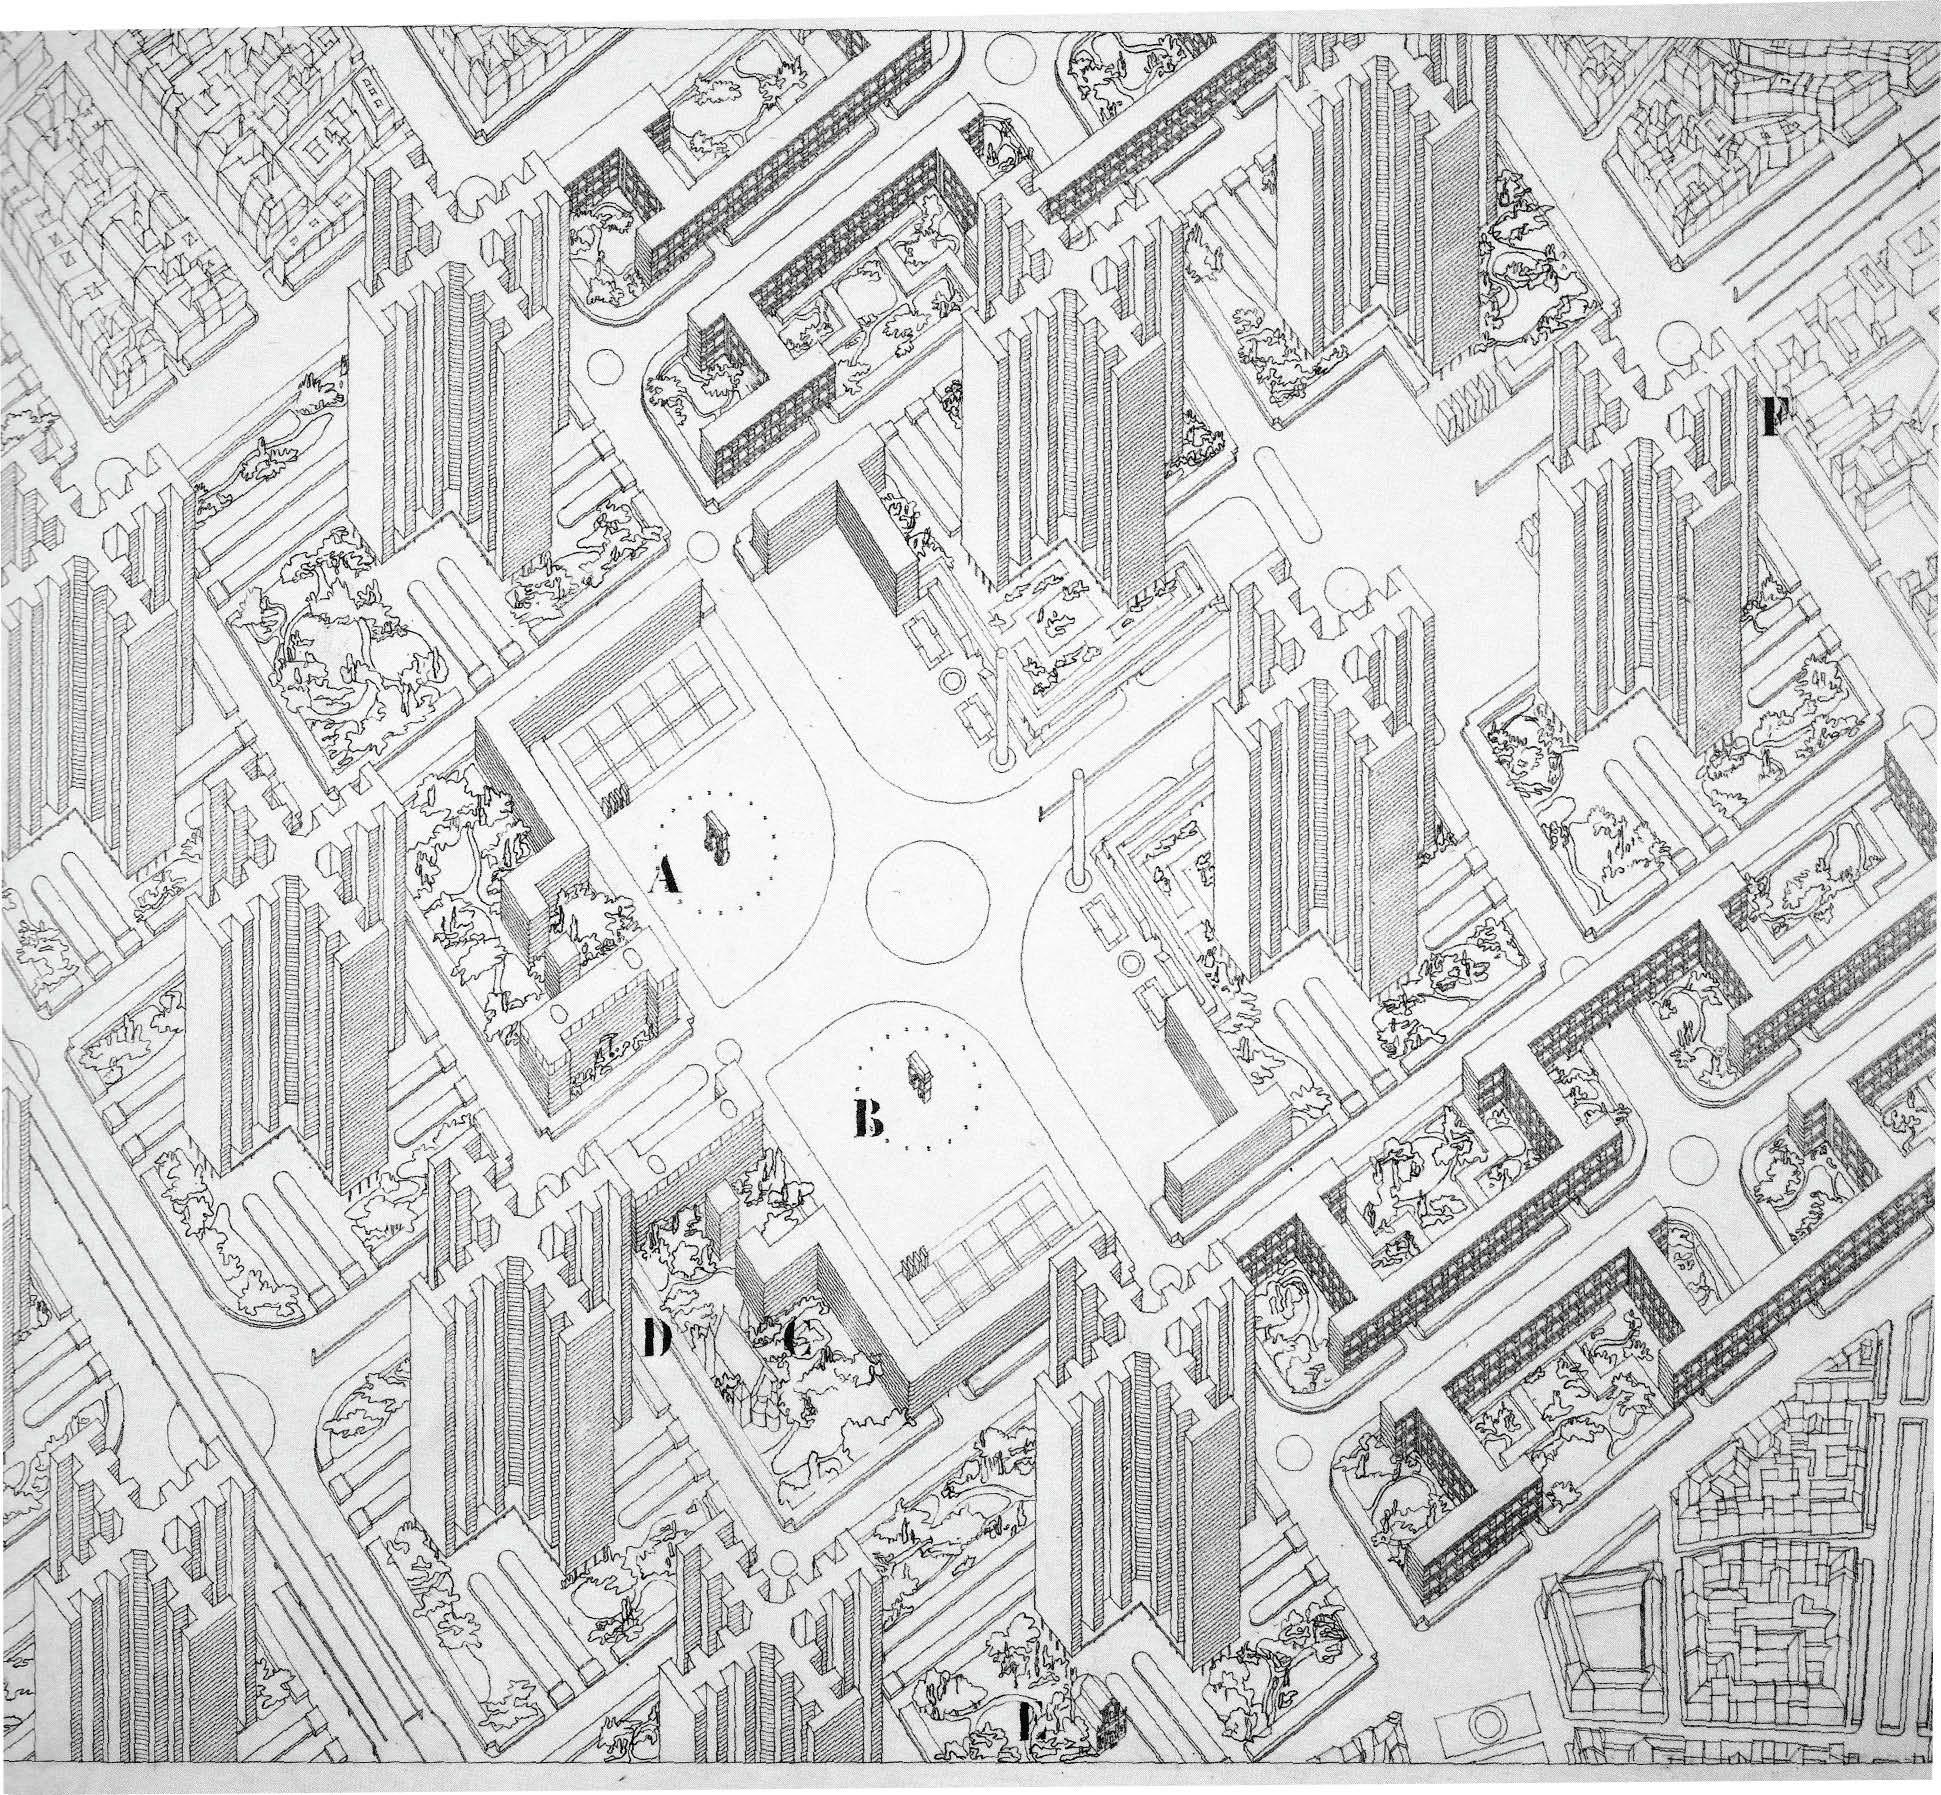 Le Corbusier's 1924 utopian proposal, the Ville Radieuse